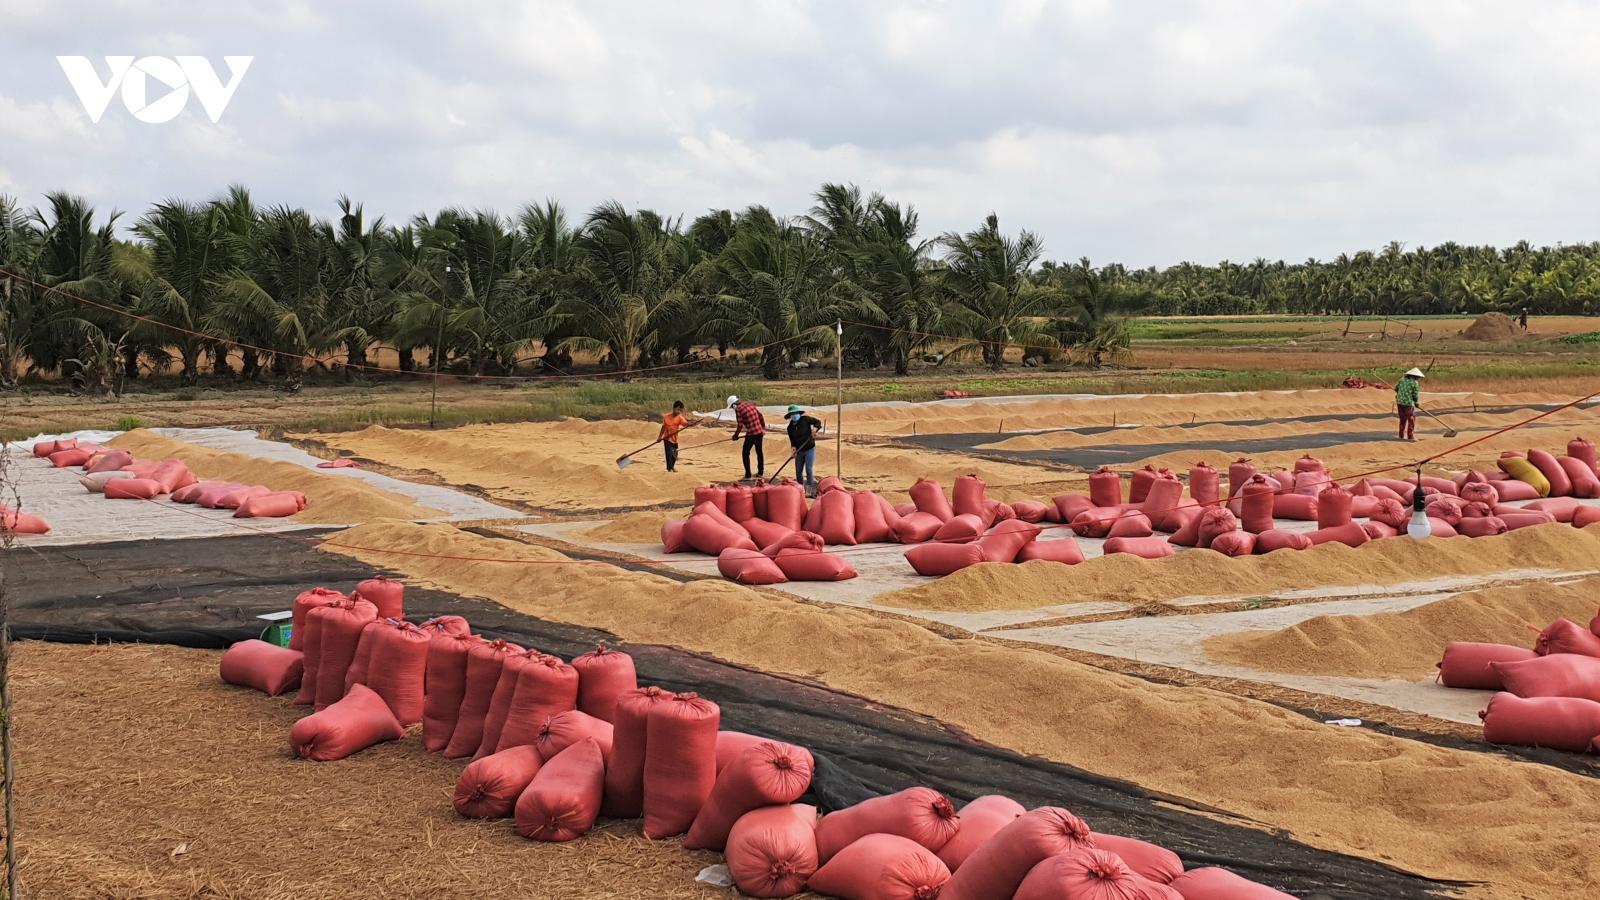 Chính quyền và doanh nghiệp chung tay không để đứt gãy chuỗi ngành hàng lúa gạo